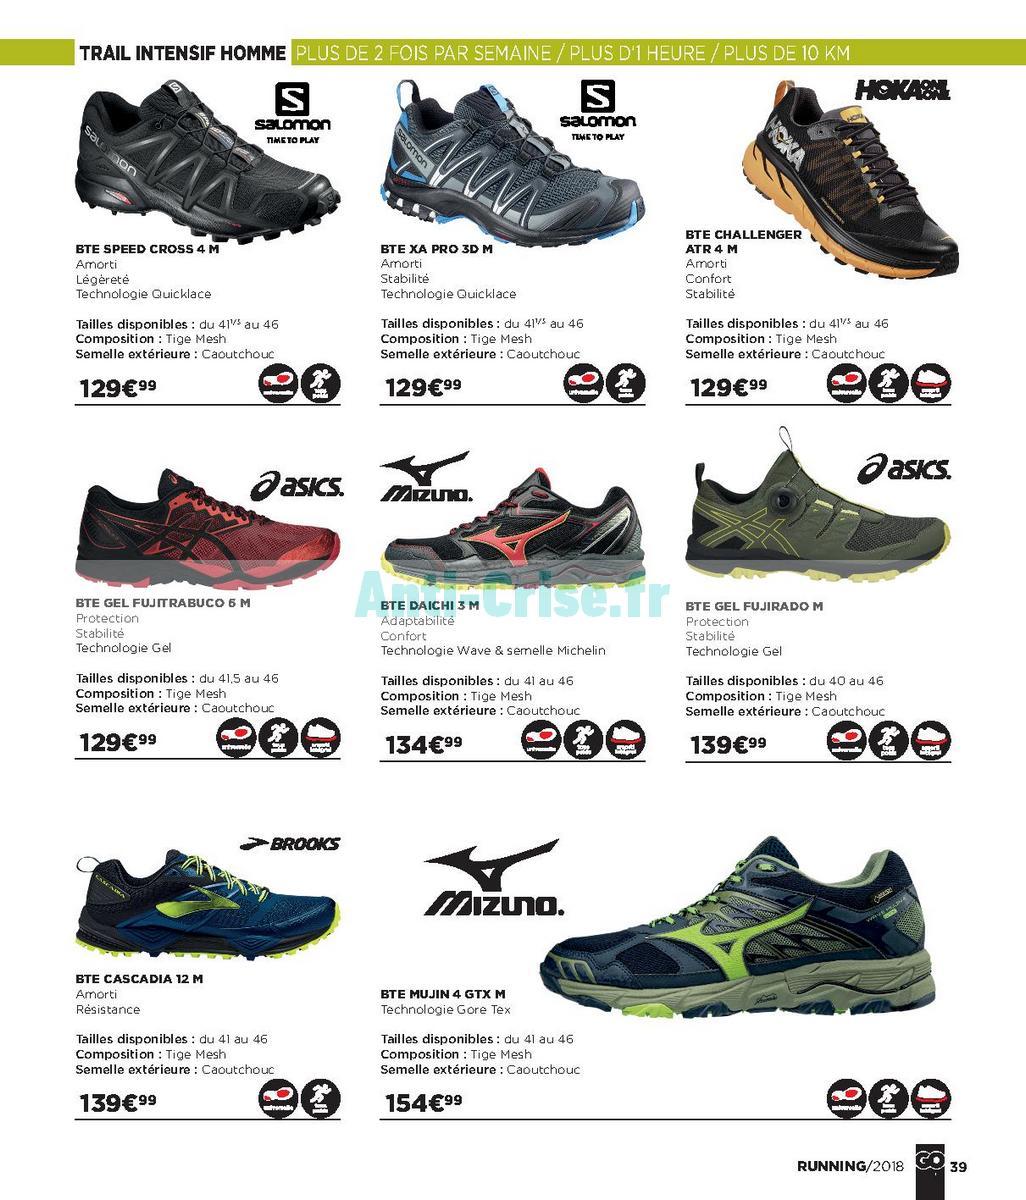 septembre2018 Catalogue Go Sport du 28 avril au 21 septembre 2018 (Running) (39)